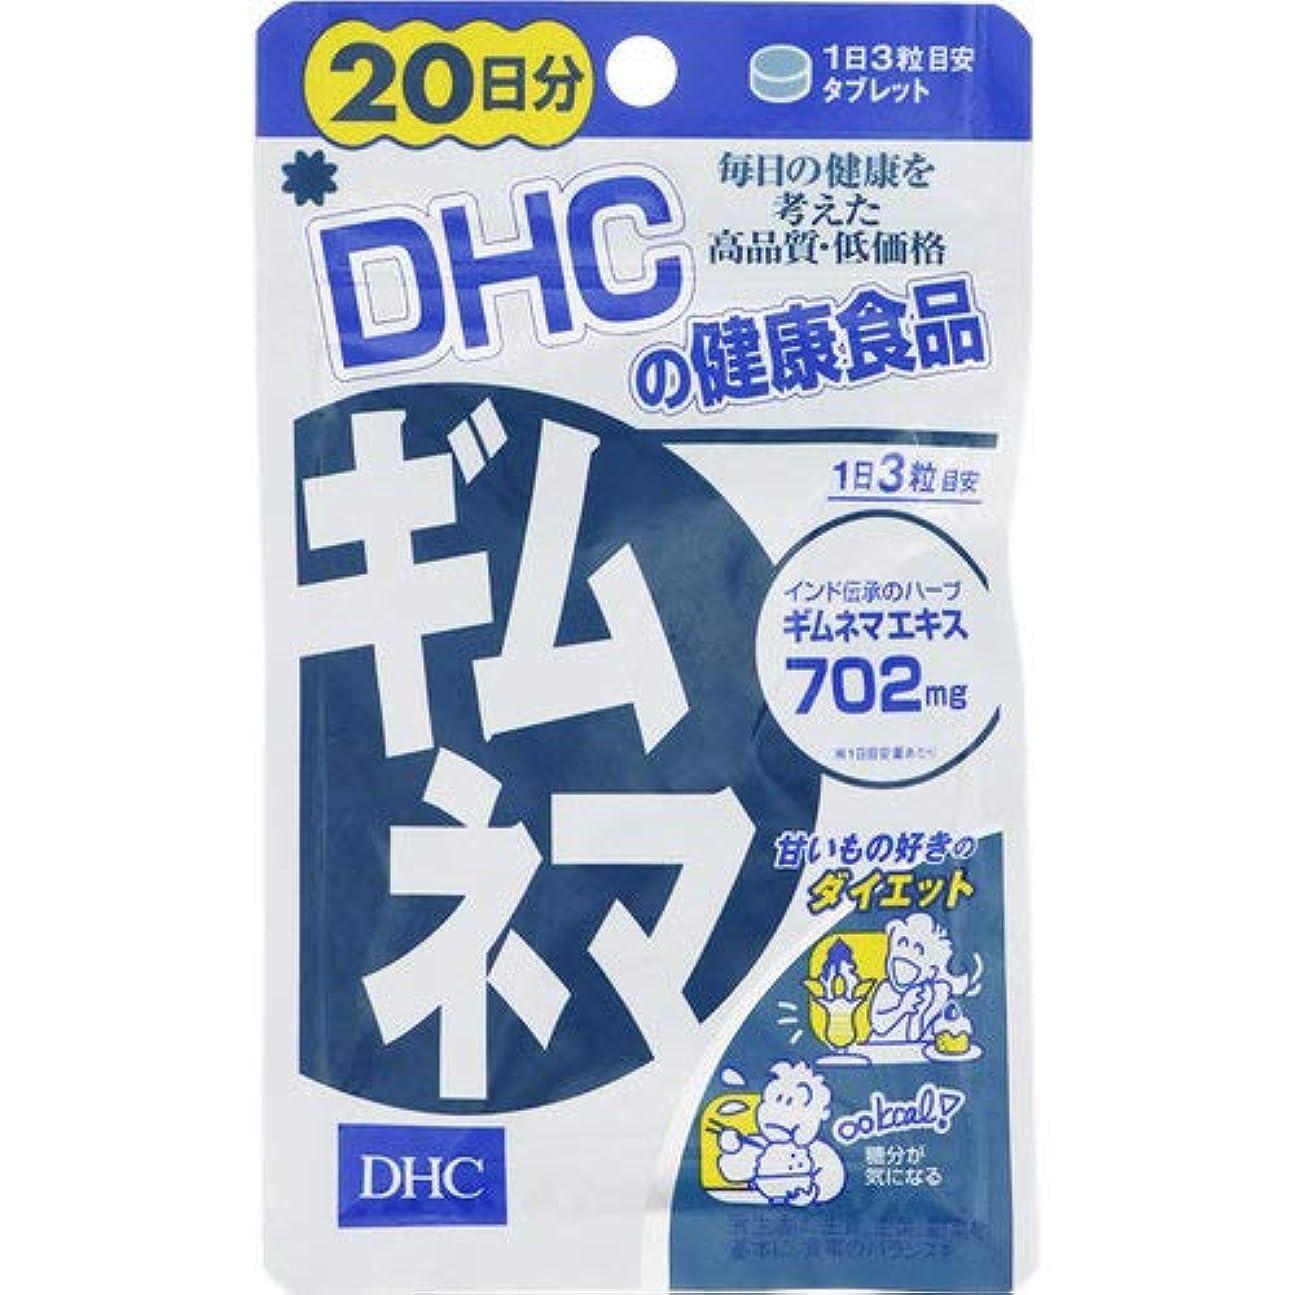 ひどく公爵夫婦【DHC】ギムネマ 20日分 (60粒)